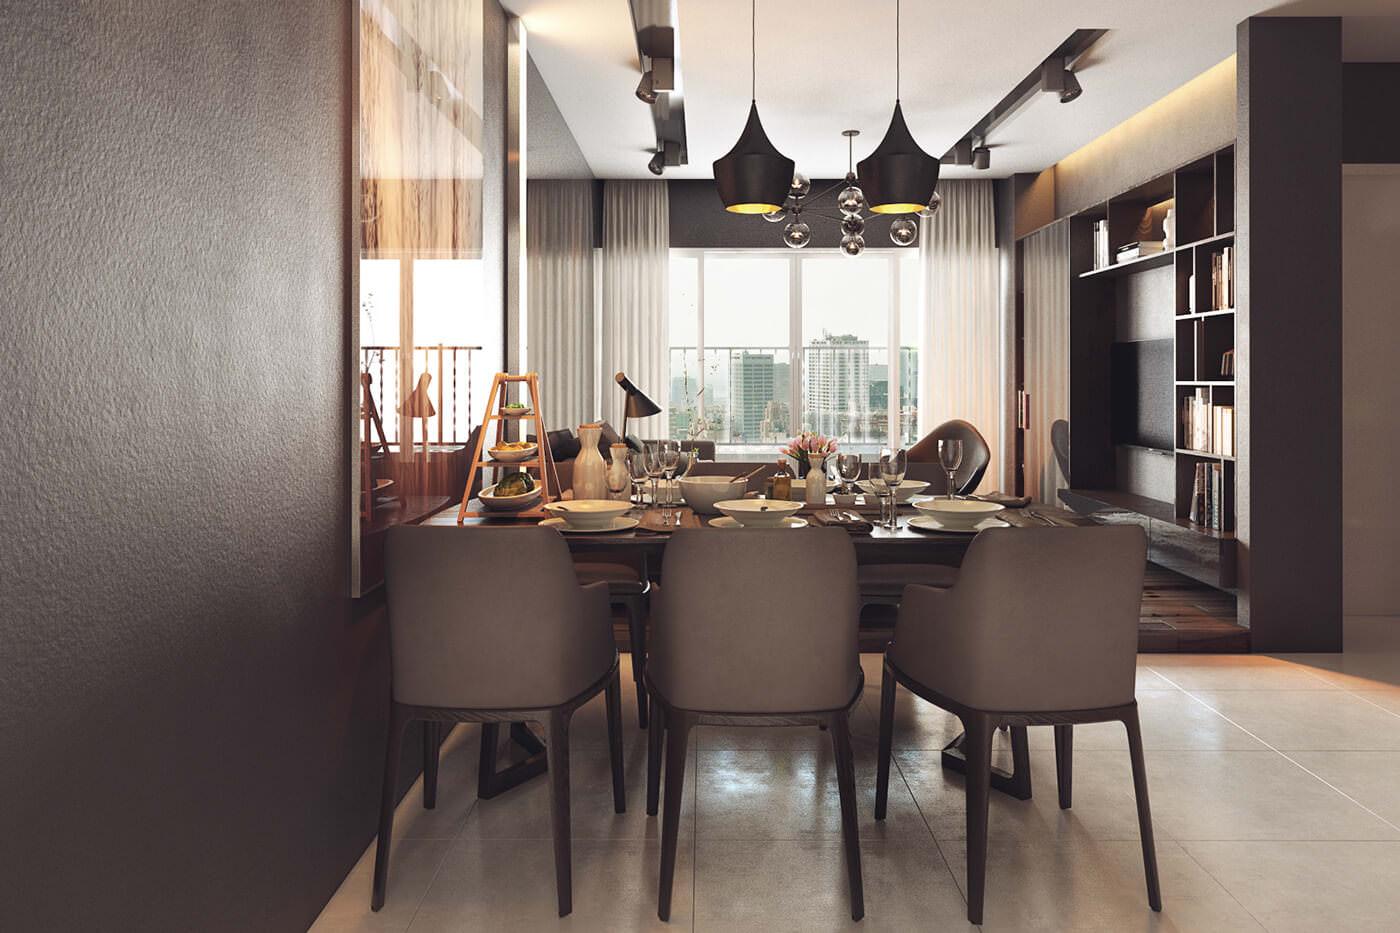 prostoren-apartament-s-eleganten-interior-v-neutralni-tsvetove-3g